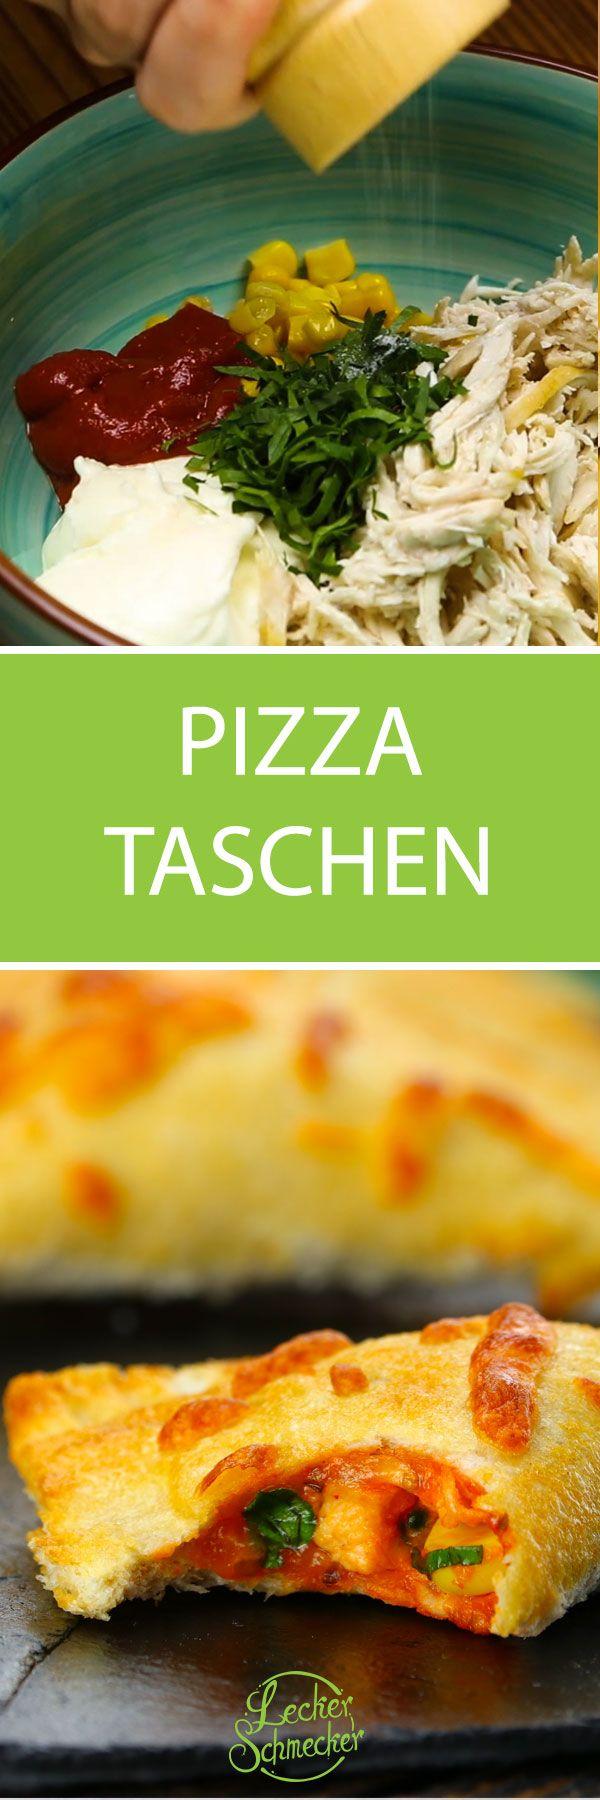 Innen Heiss Und Aussen Knusprig Pizza Taschen Mit Chicken Fullung Rezepte Pizza Taschen Lecker Schmecker